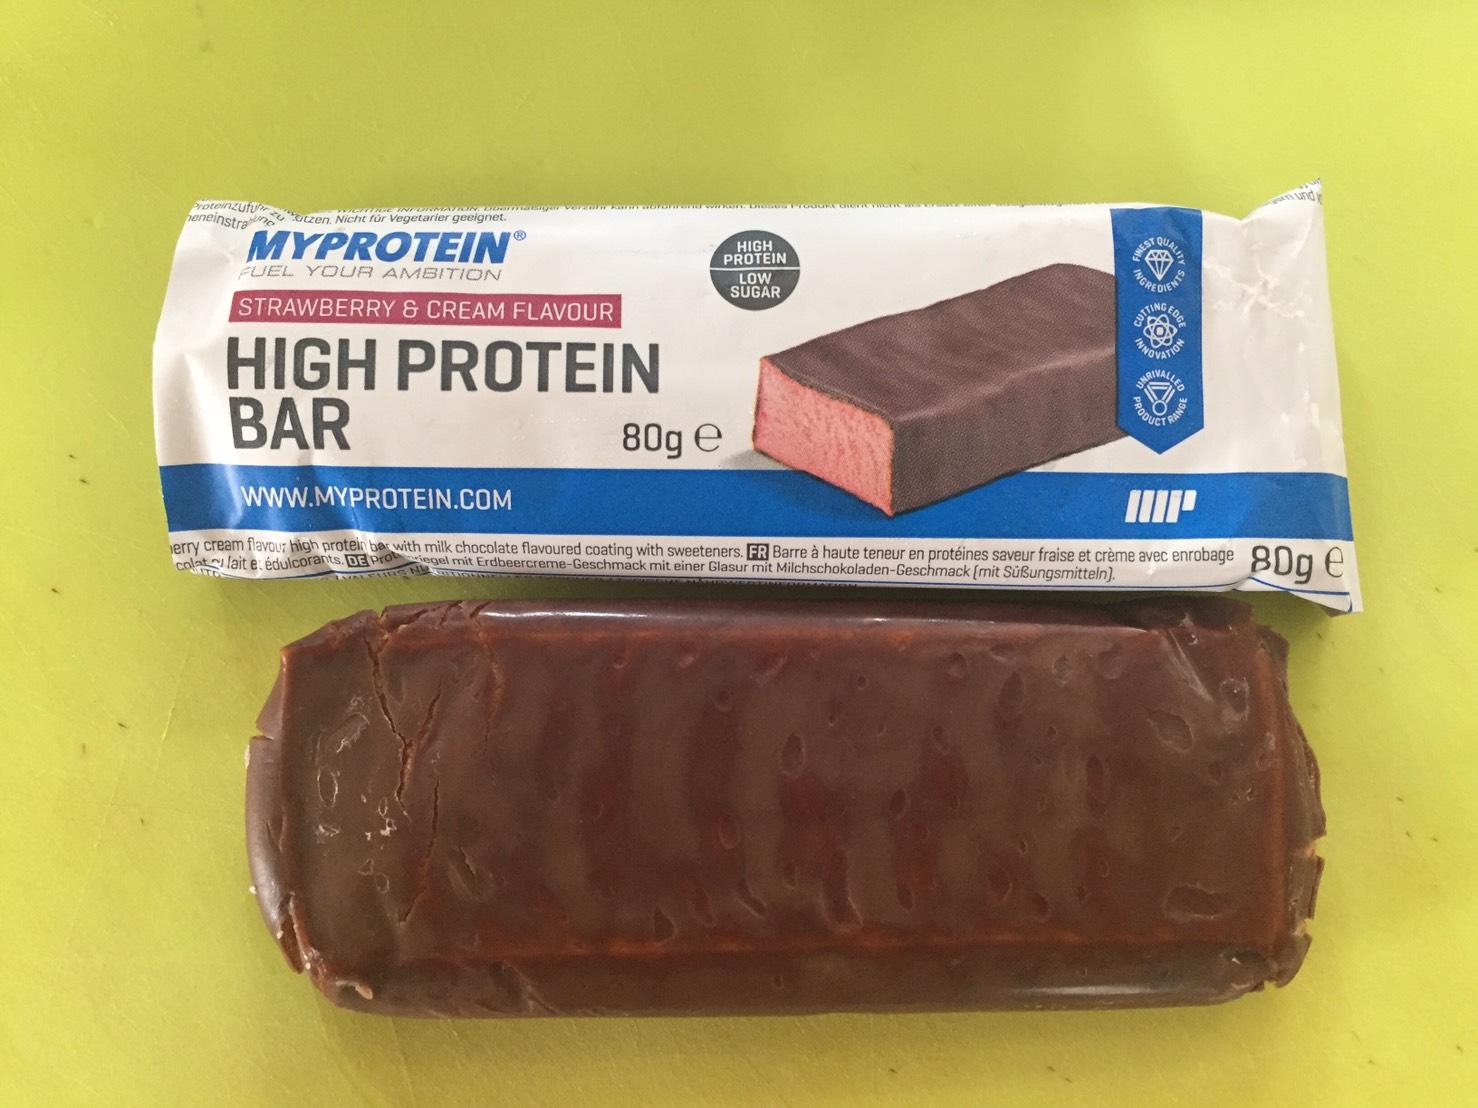 高タンパク質バー(High Protein Bar)「STRAWBERRY&CREAM FLAVOUR(ストロベリー&クリーム味)」を開封した様子